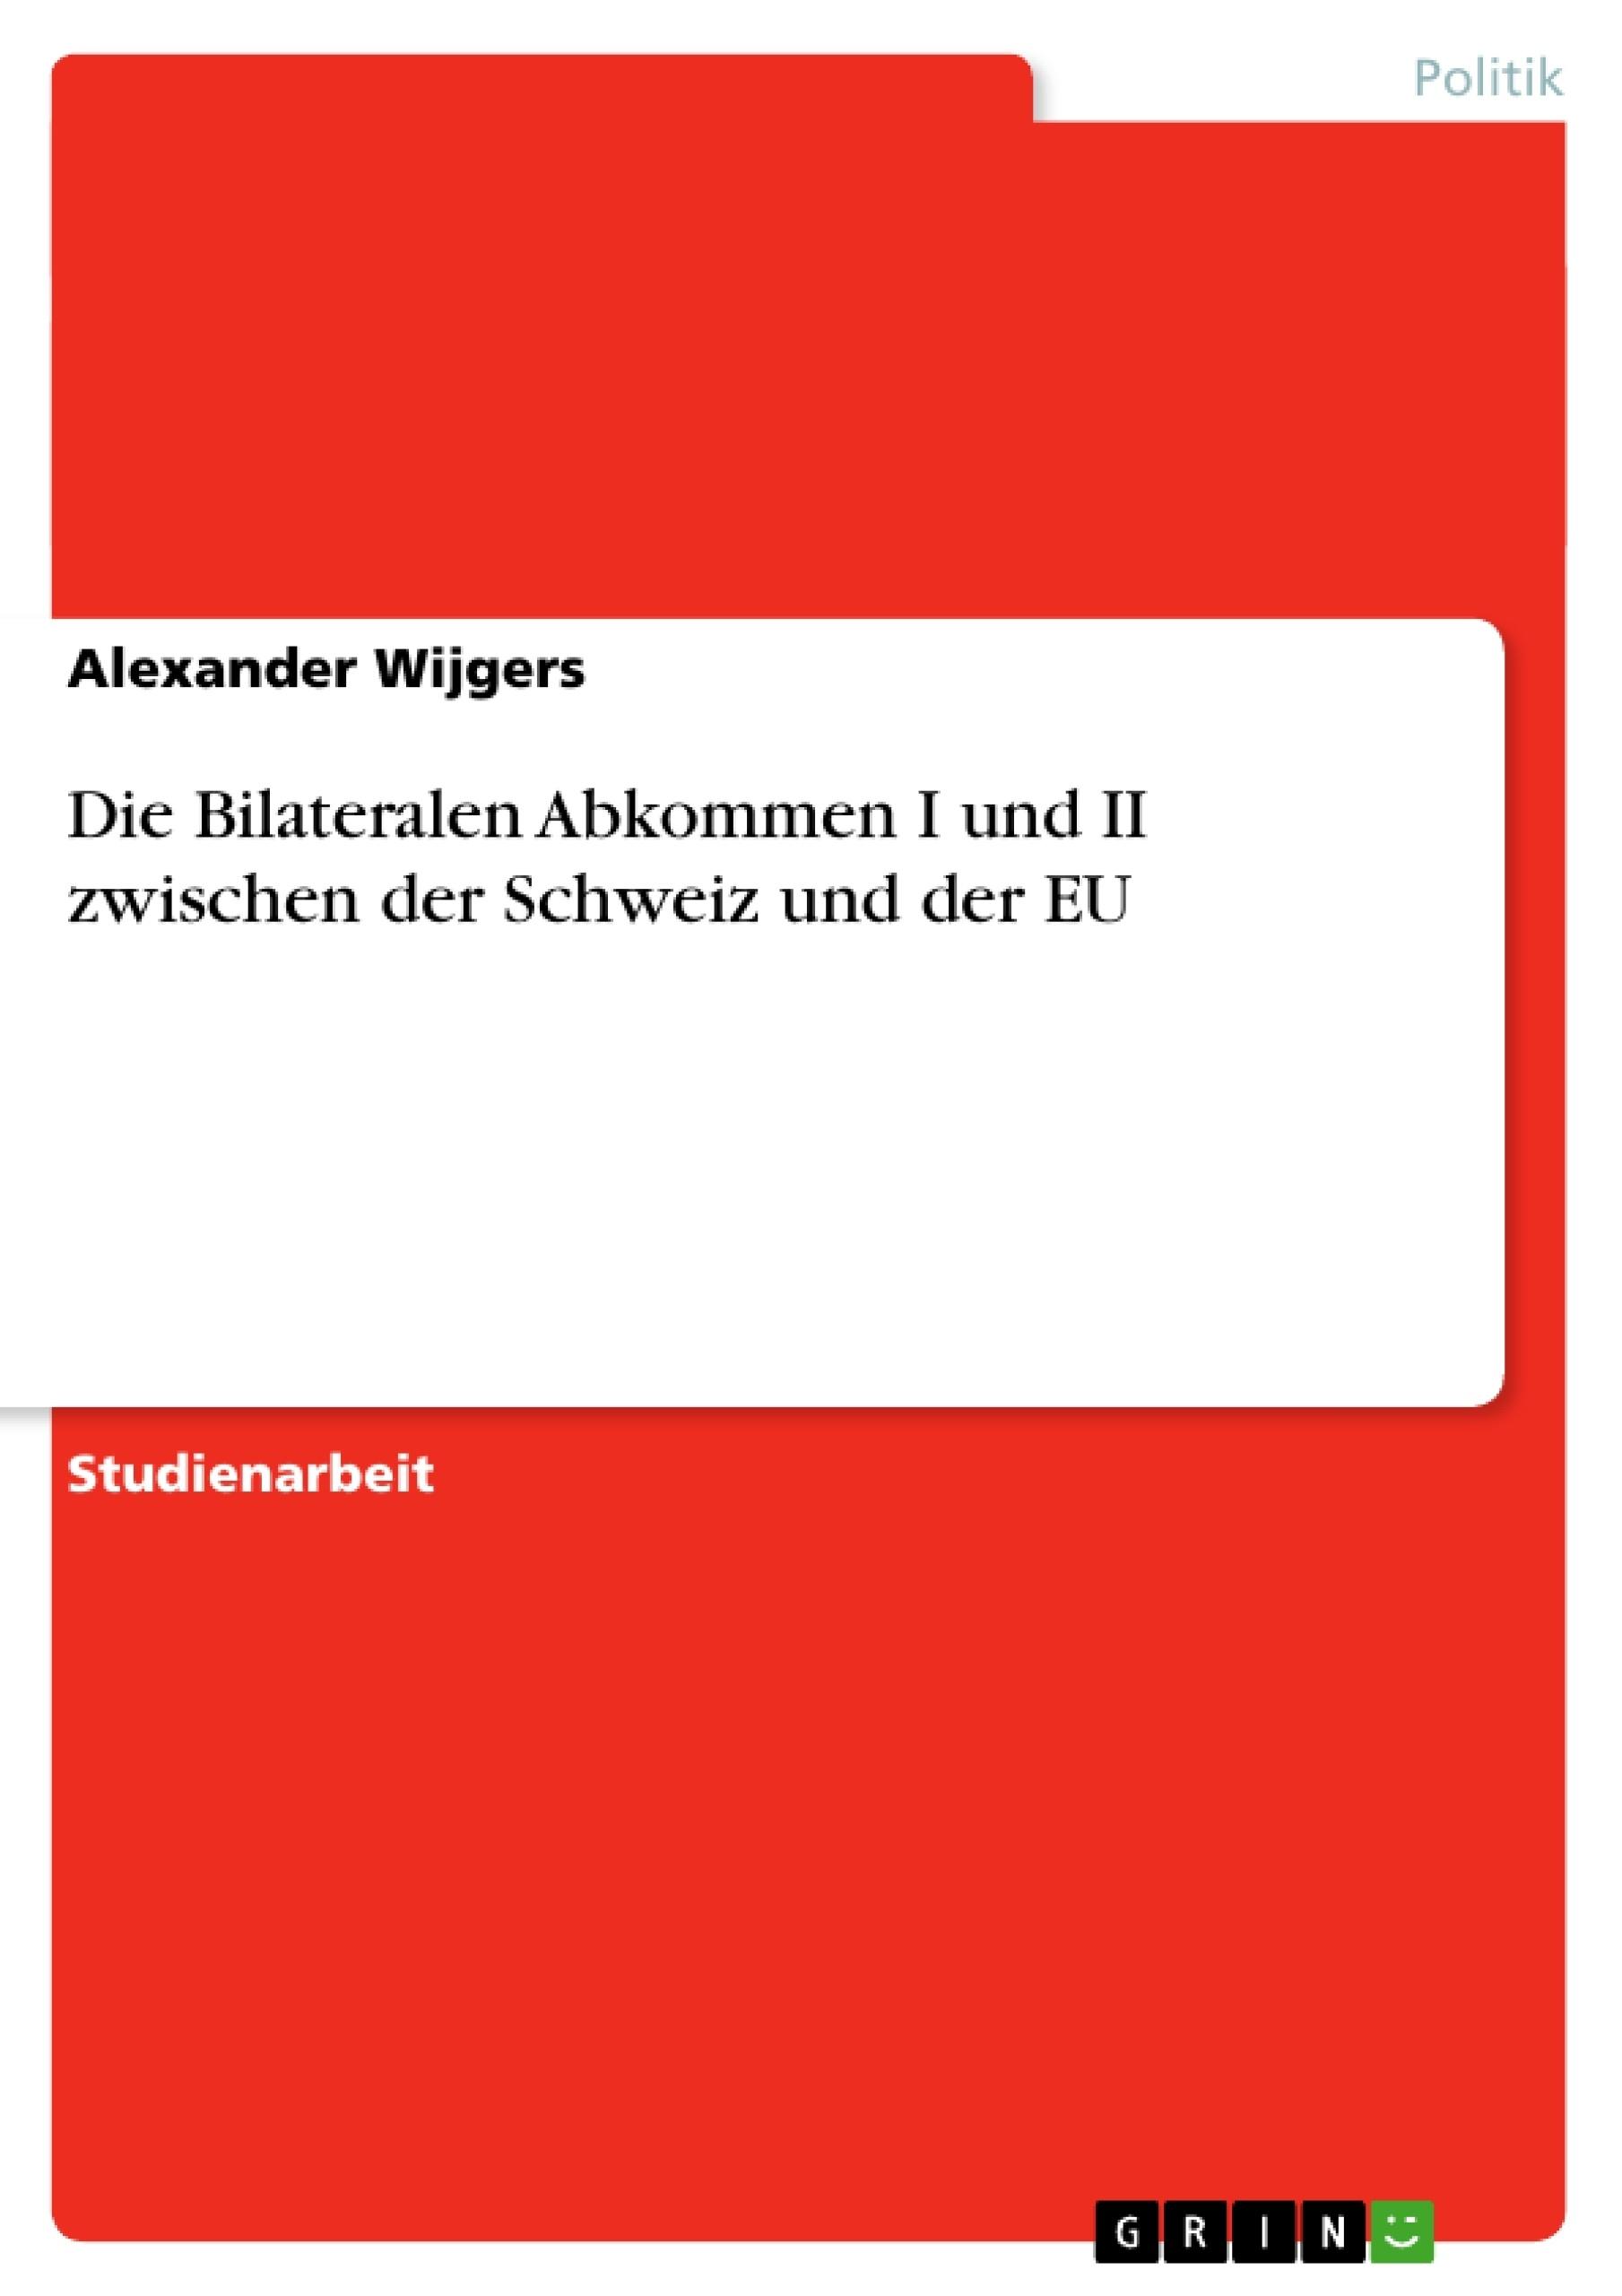 Schengen. Der Weg zum freien Personenverkehr in Europa (German Edition)